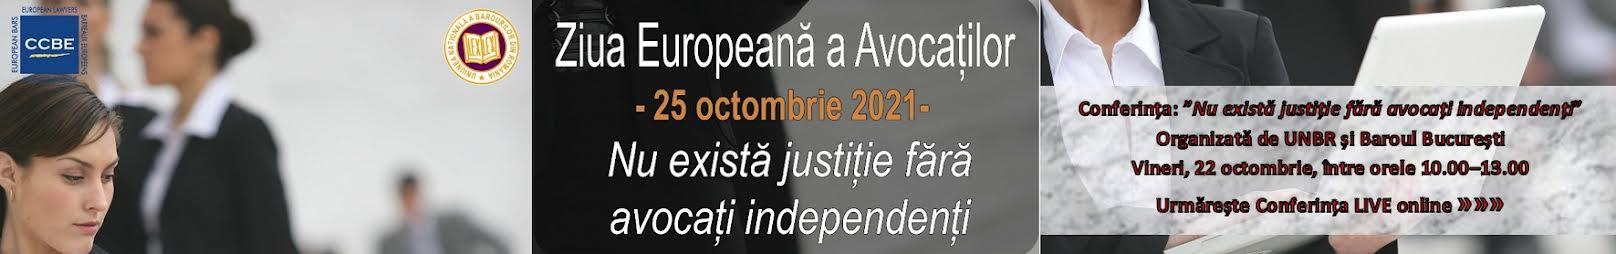 banner-ziua-europeana-a-avocatilor